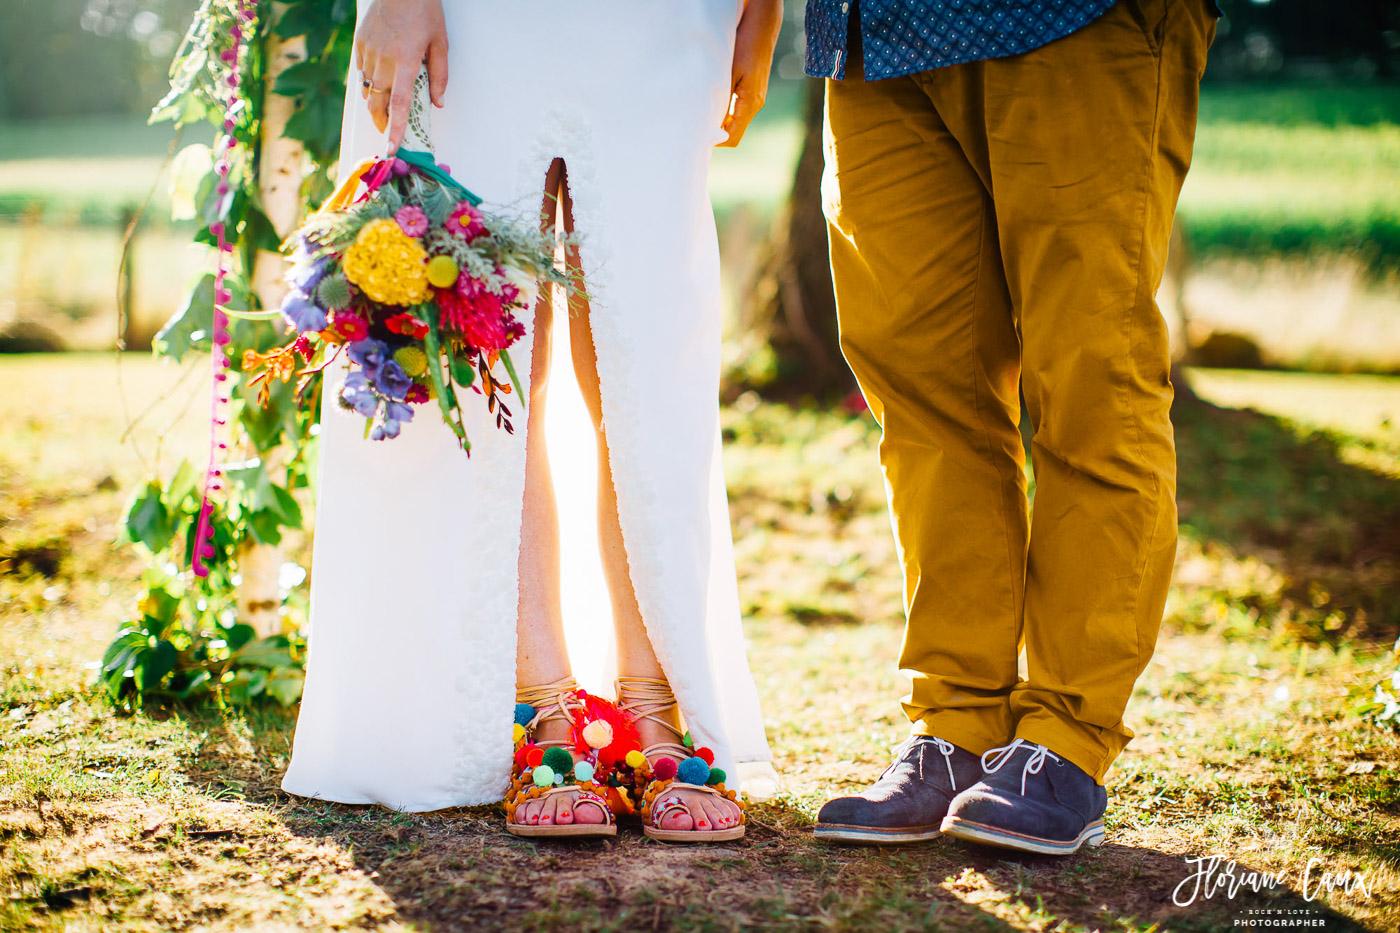 photographe-mariage-pays-basque-saint-jean-de-luz (2)